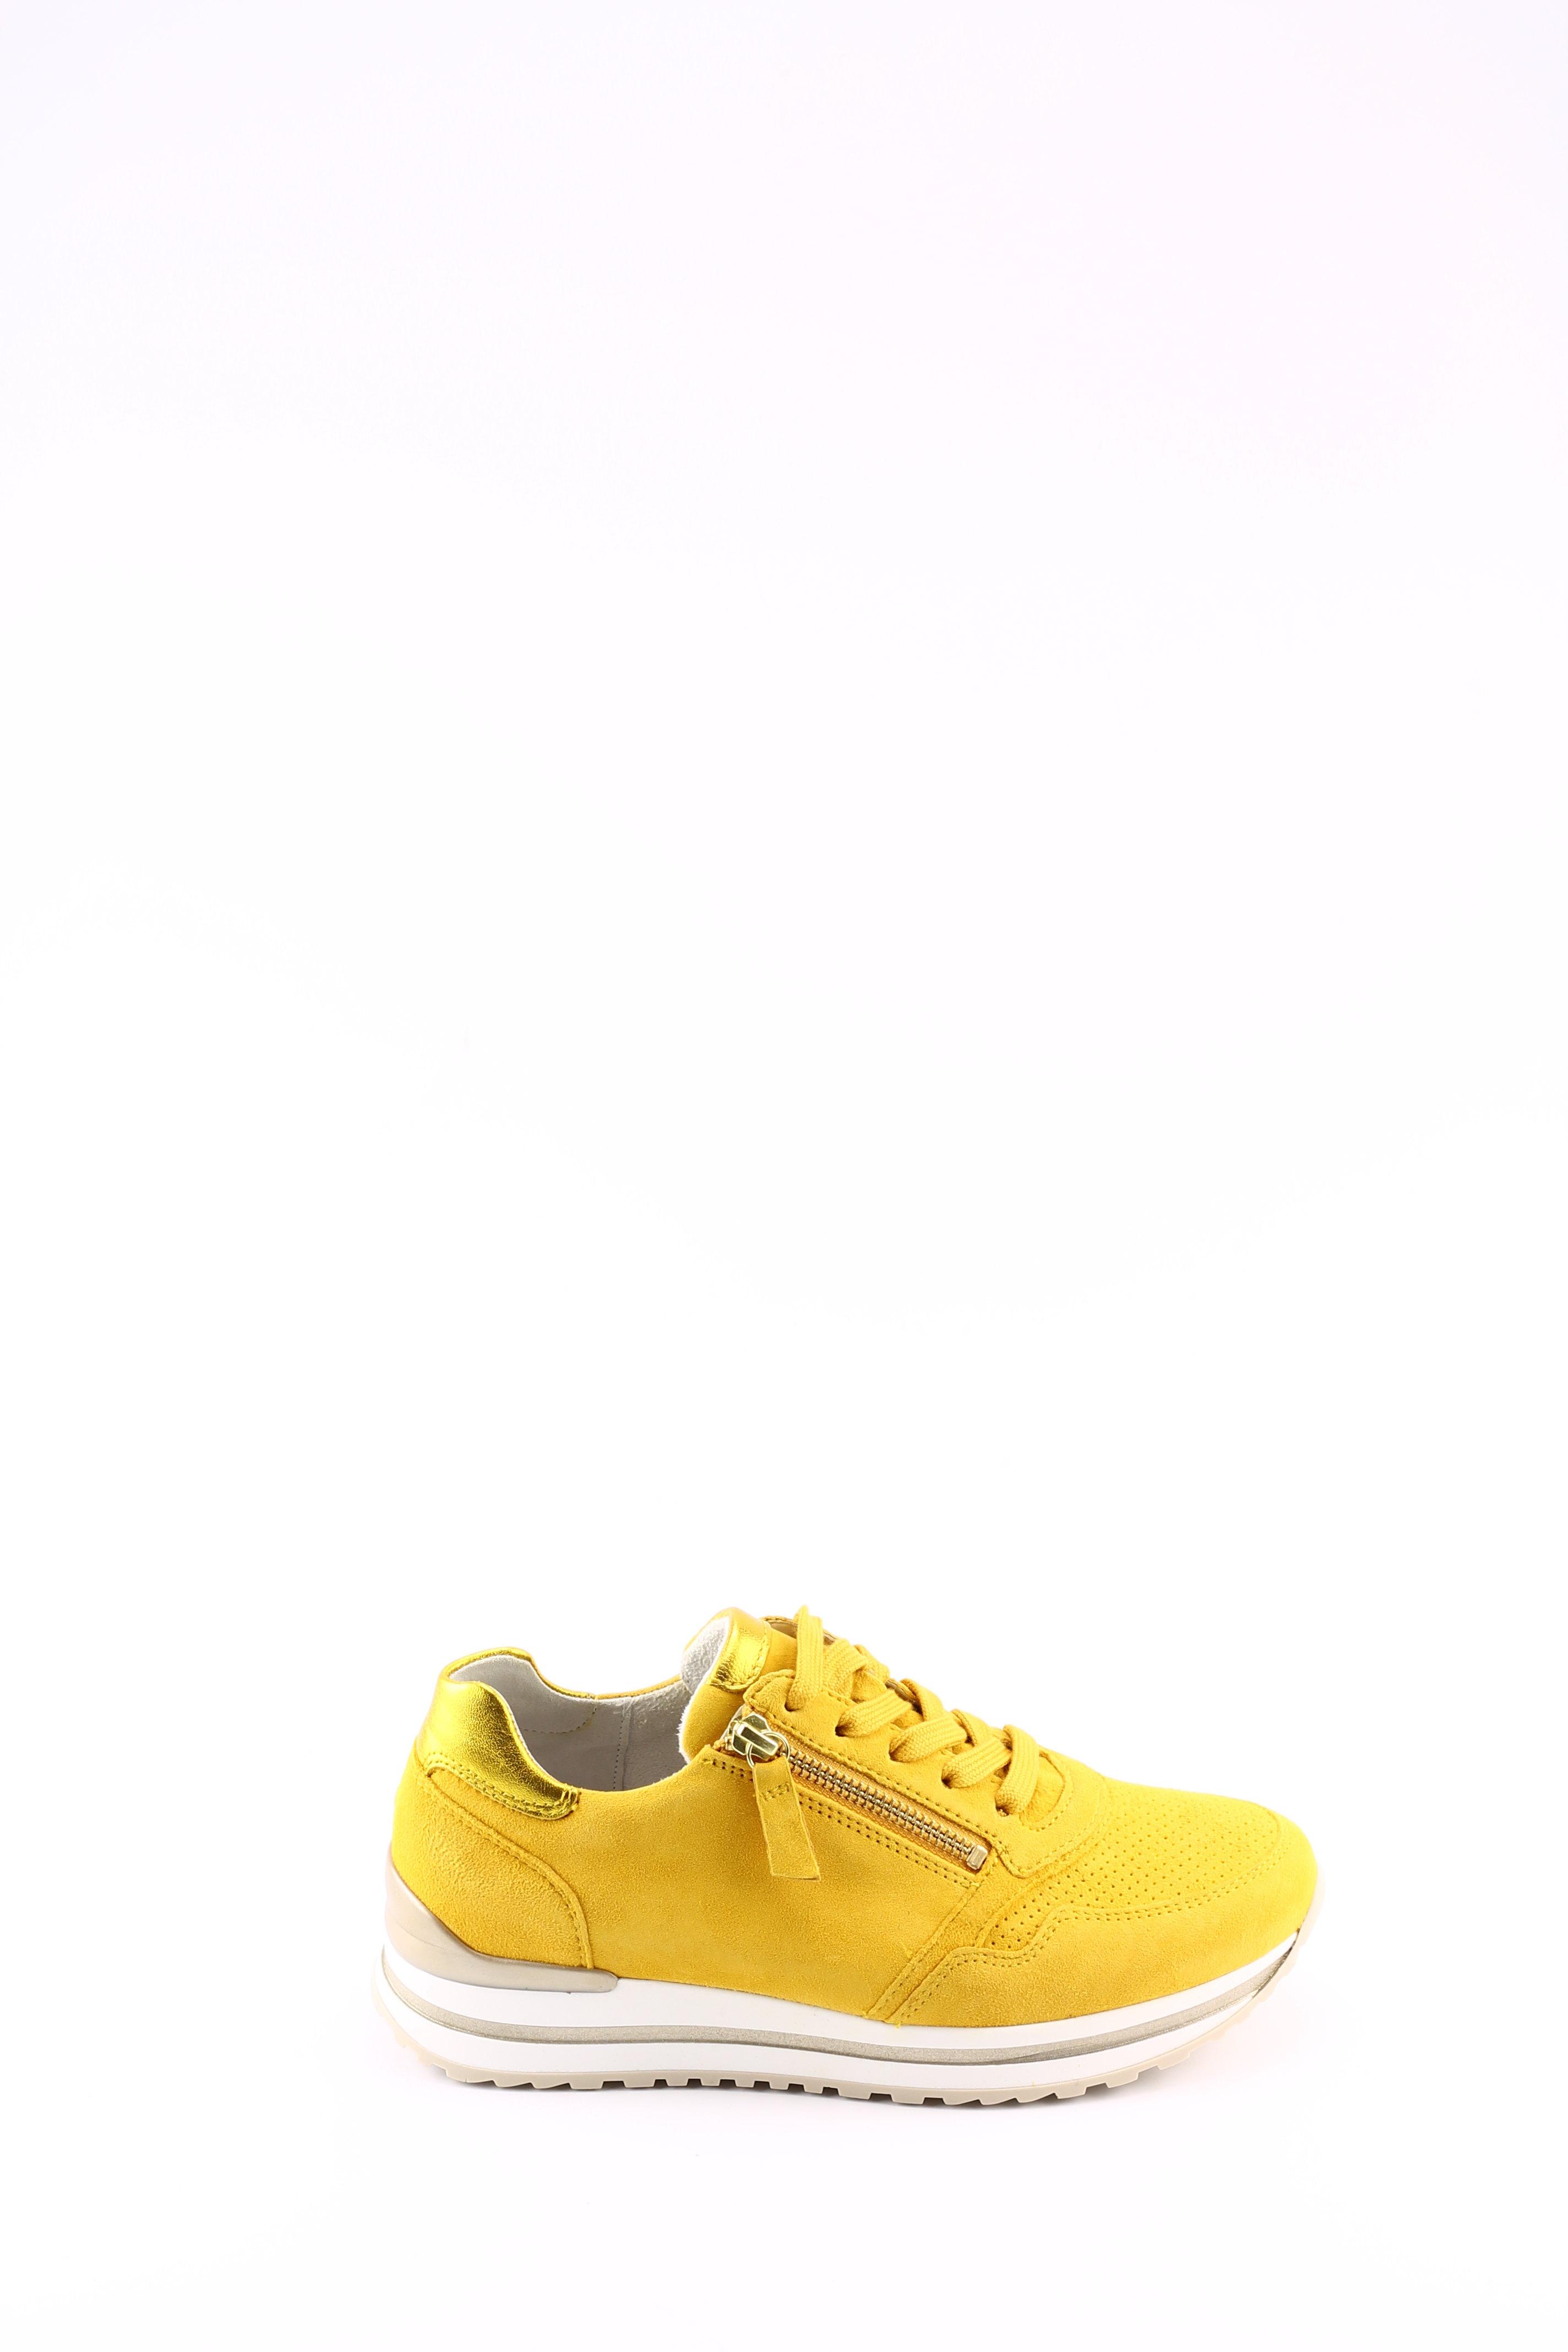 Gabor 46.528 sneaker geel suede